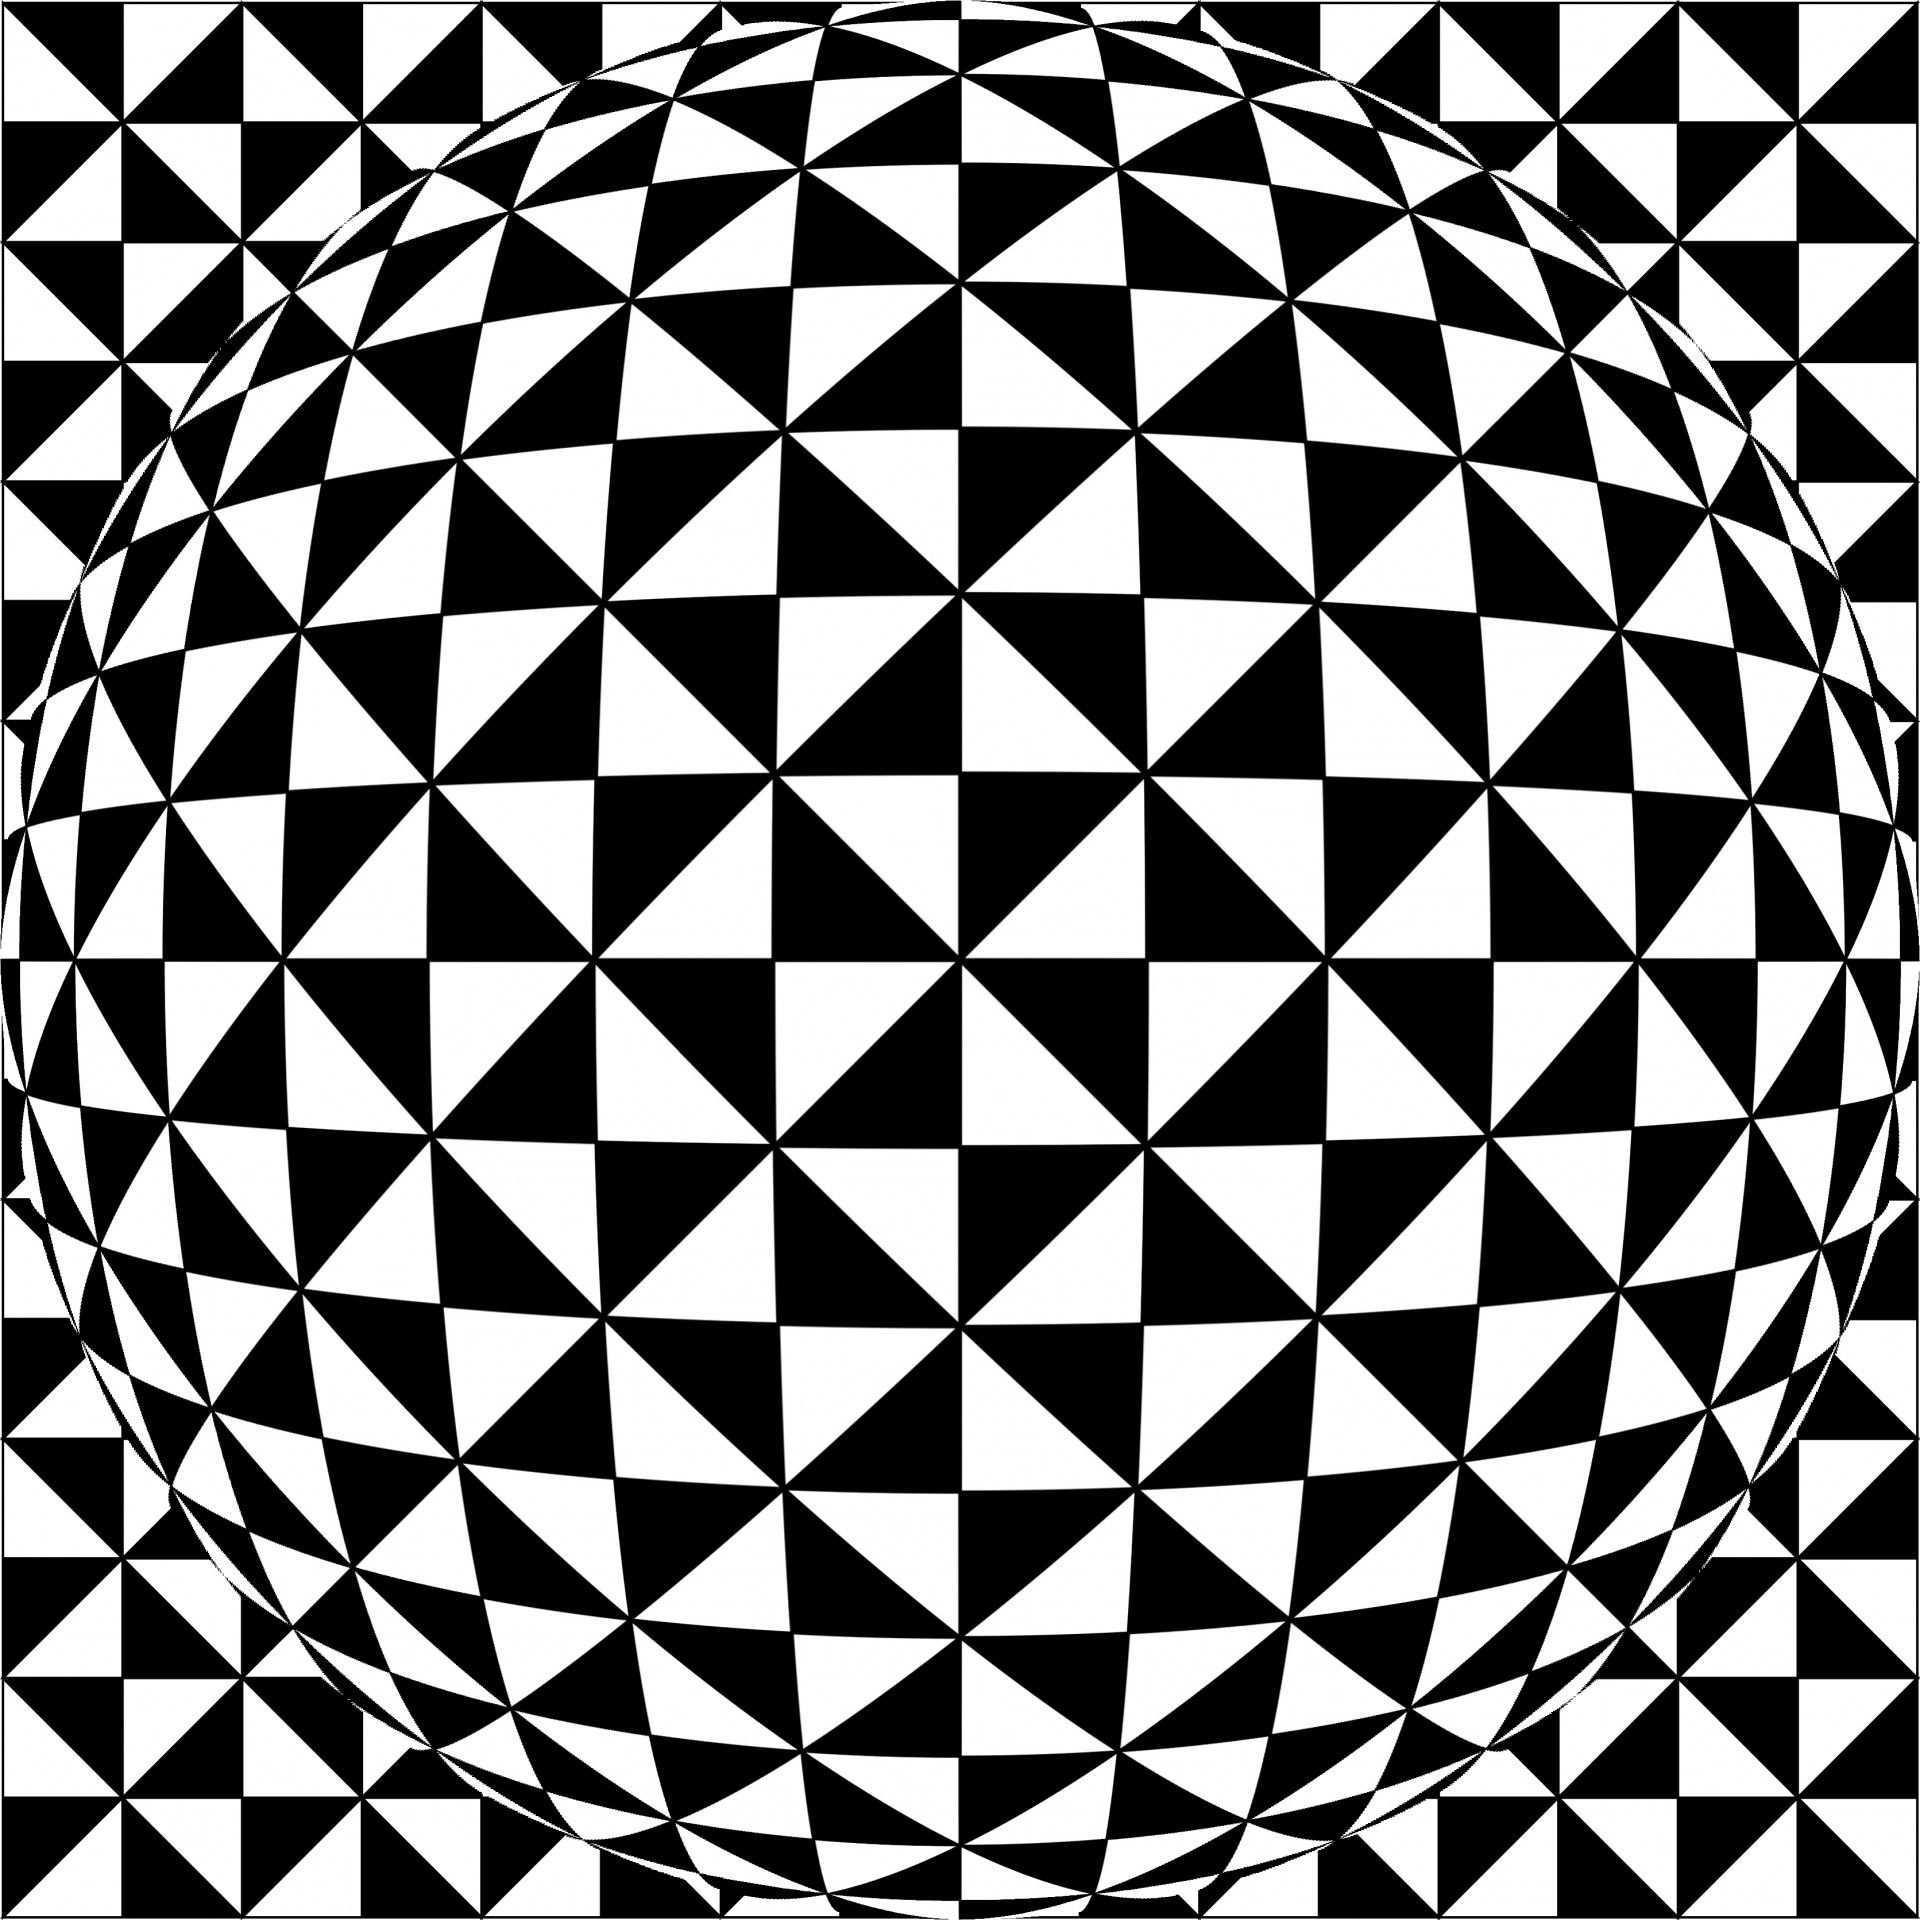 Optische Tauschungen Illusionen Biz Optische Tauschung Optische Tauschungen Zeichnen Tauschung